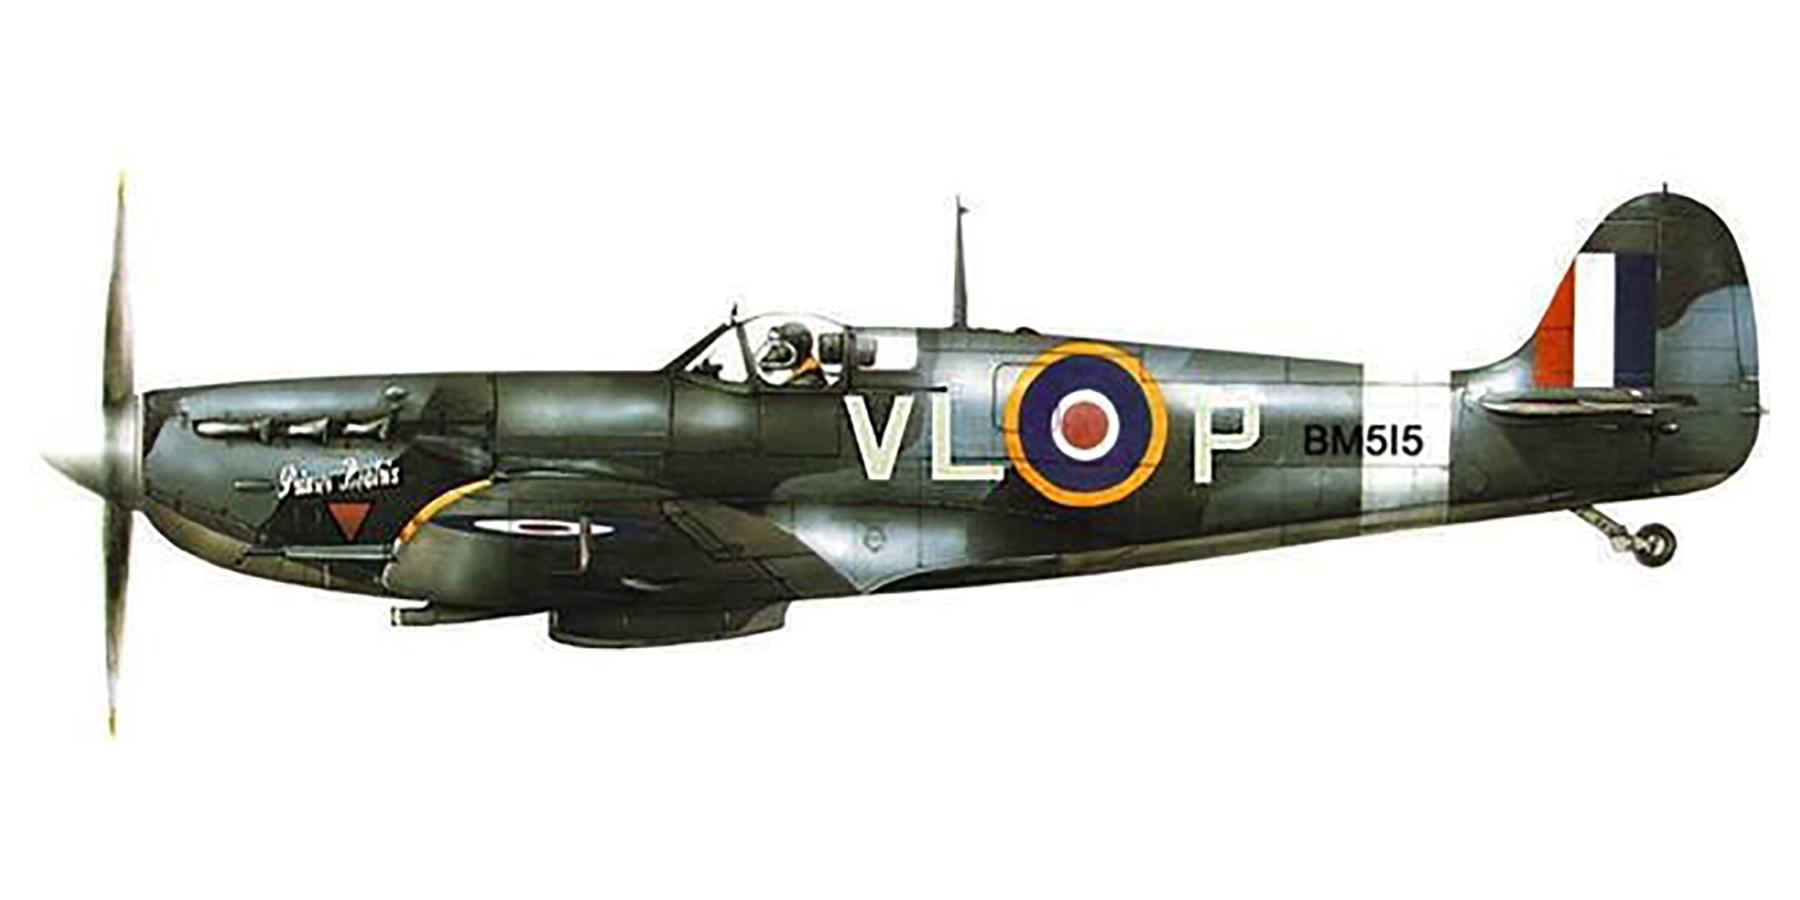 Spitfire MkVb RAF 322Sqn VLP BM515 Woodvale England 1943 0A